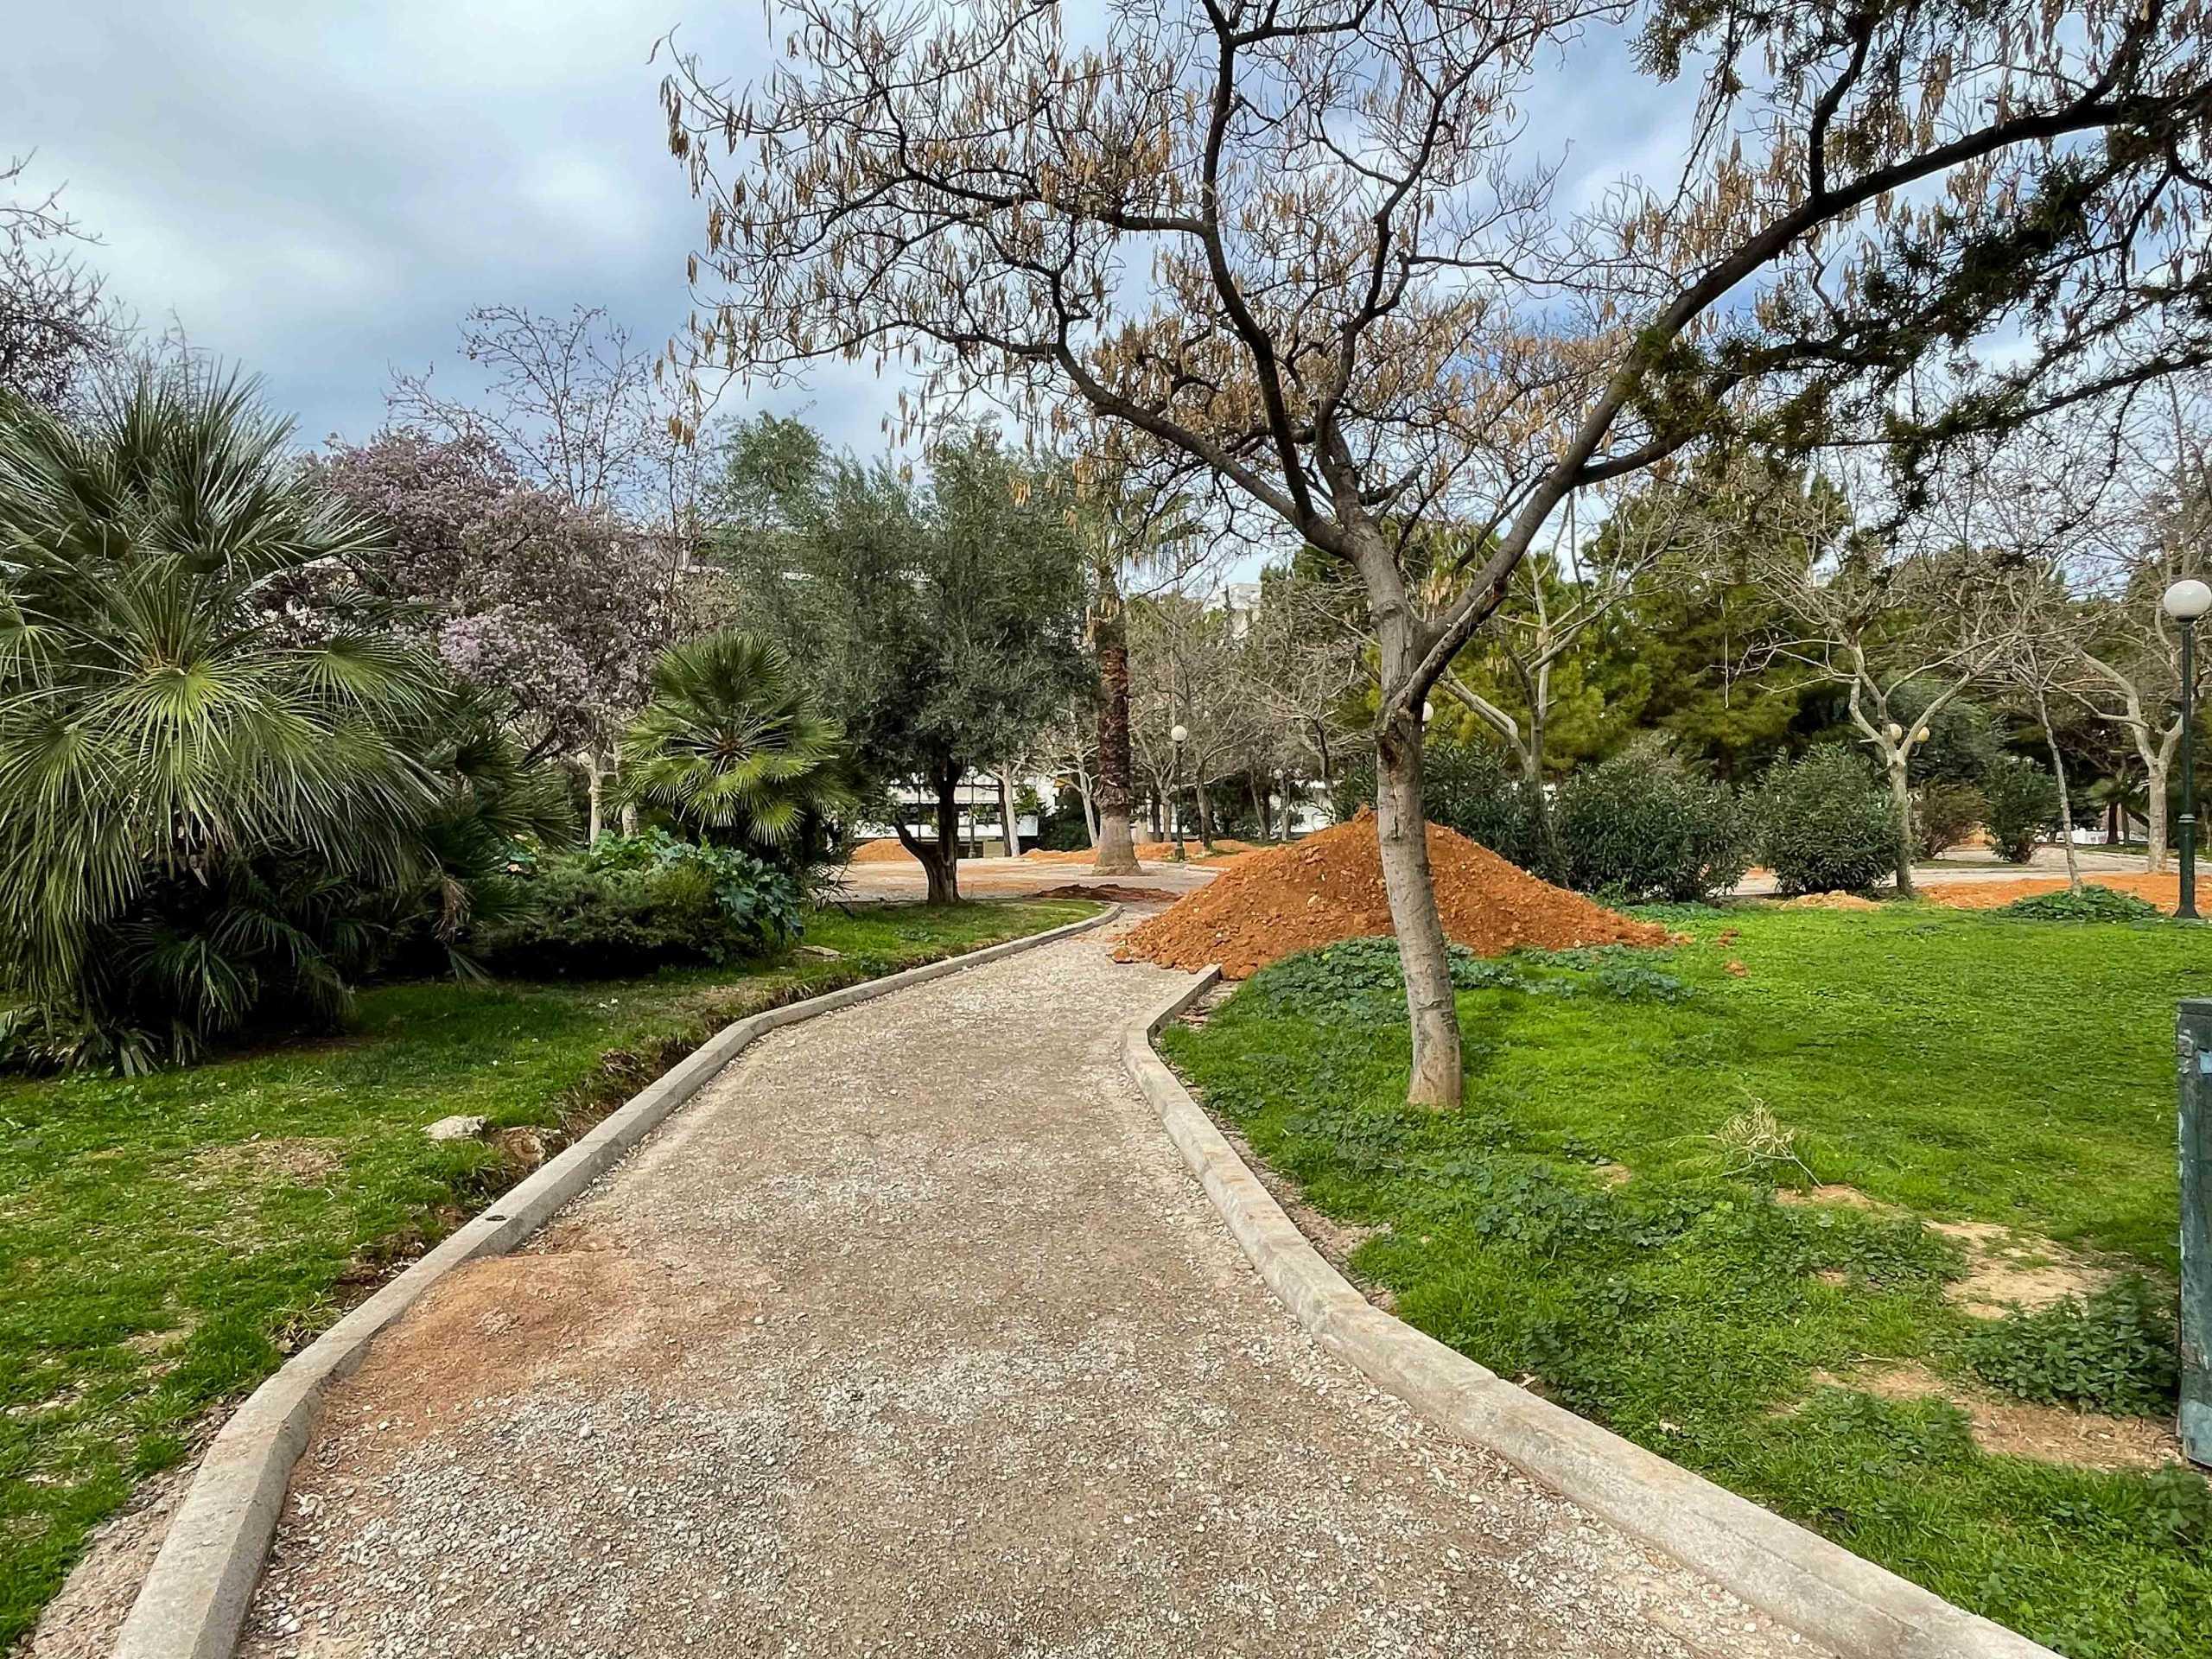 Ένα πάρκο «να το πιείς στο ποτήρι» έρχεται στην Αθήνα: Το νέο πάρκο ΦΙΞ